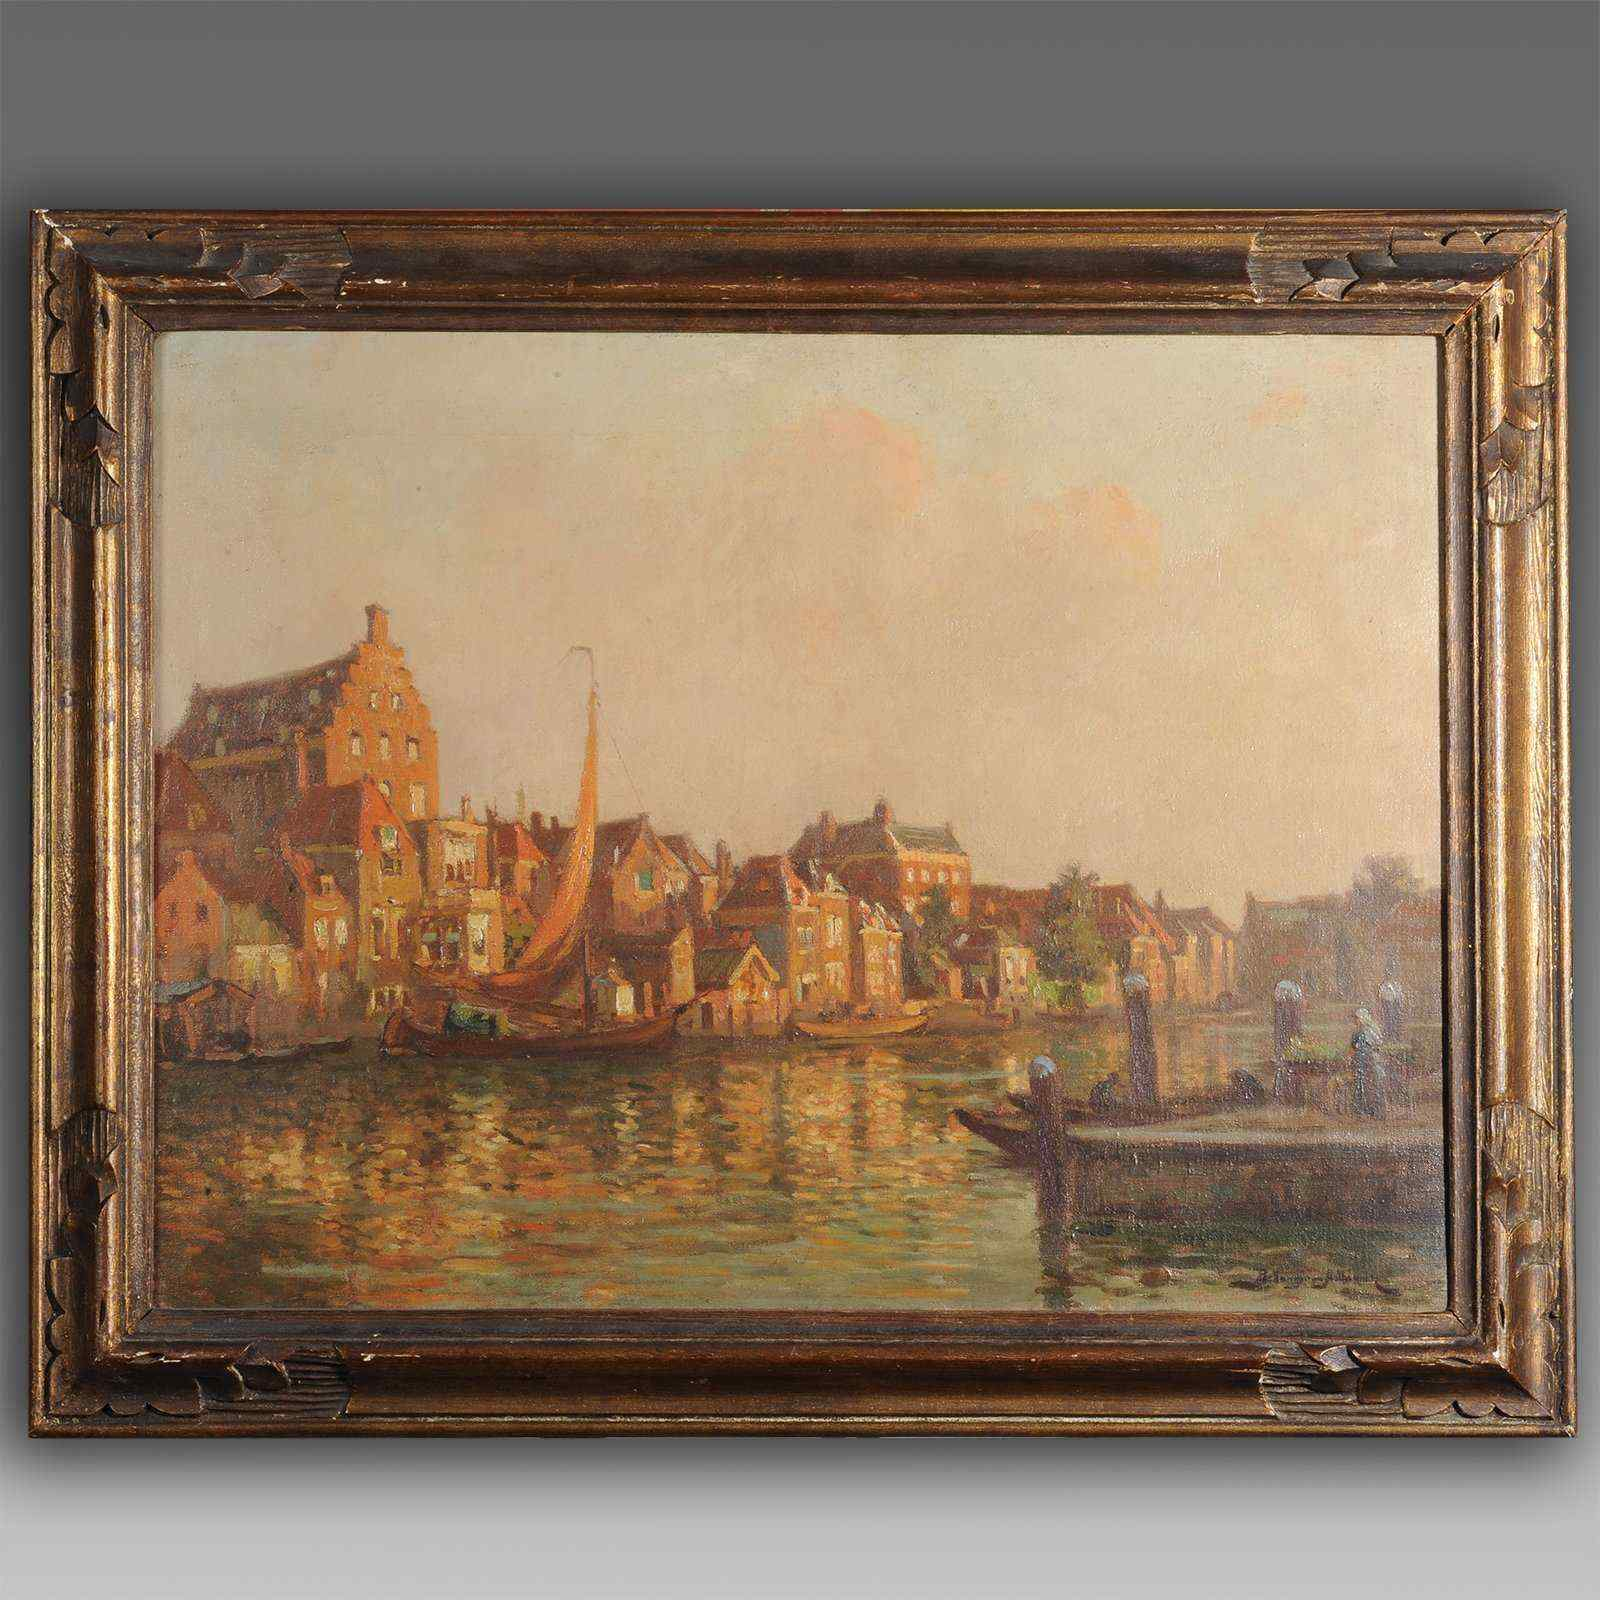 Quadro marina, Paul Bellanger-Adhémar (1868-1948)